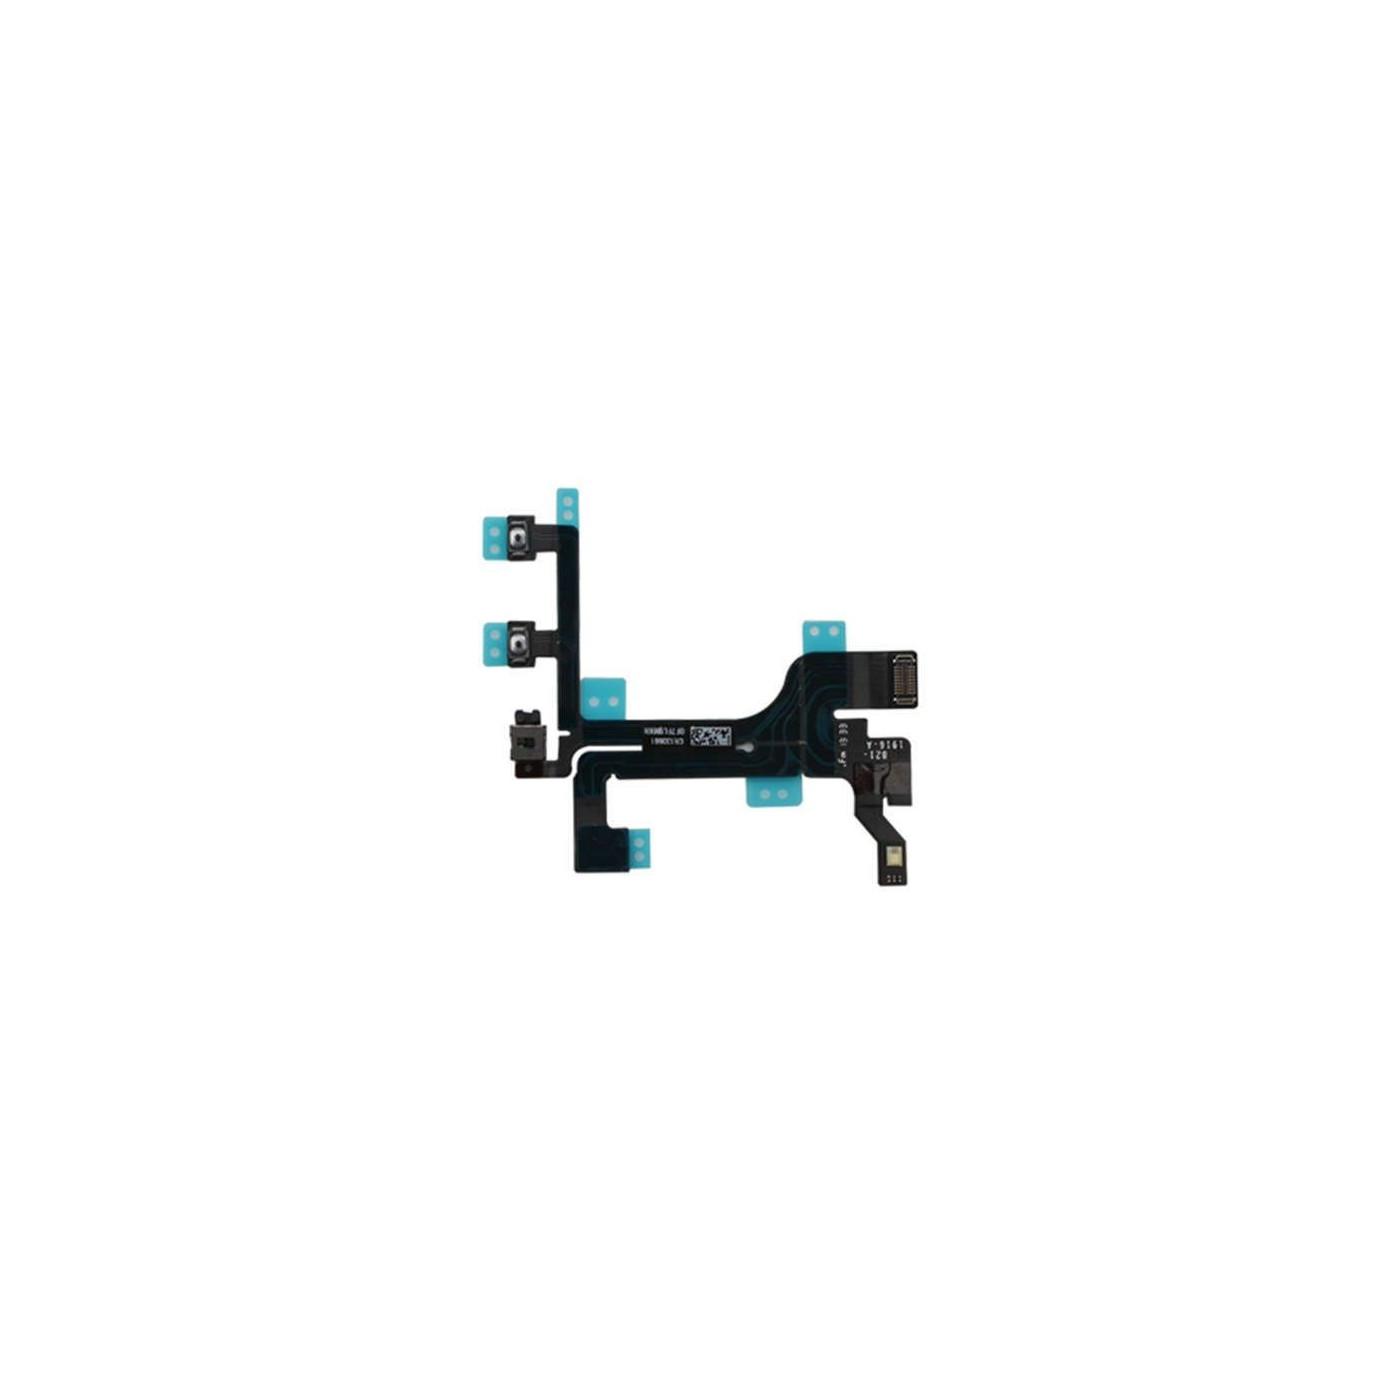 Bouton de volume muet d'alimentation pour câble plat flexible iphone 5c